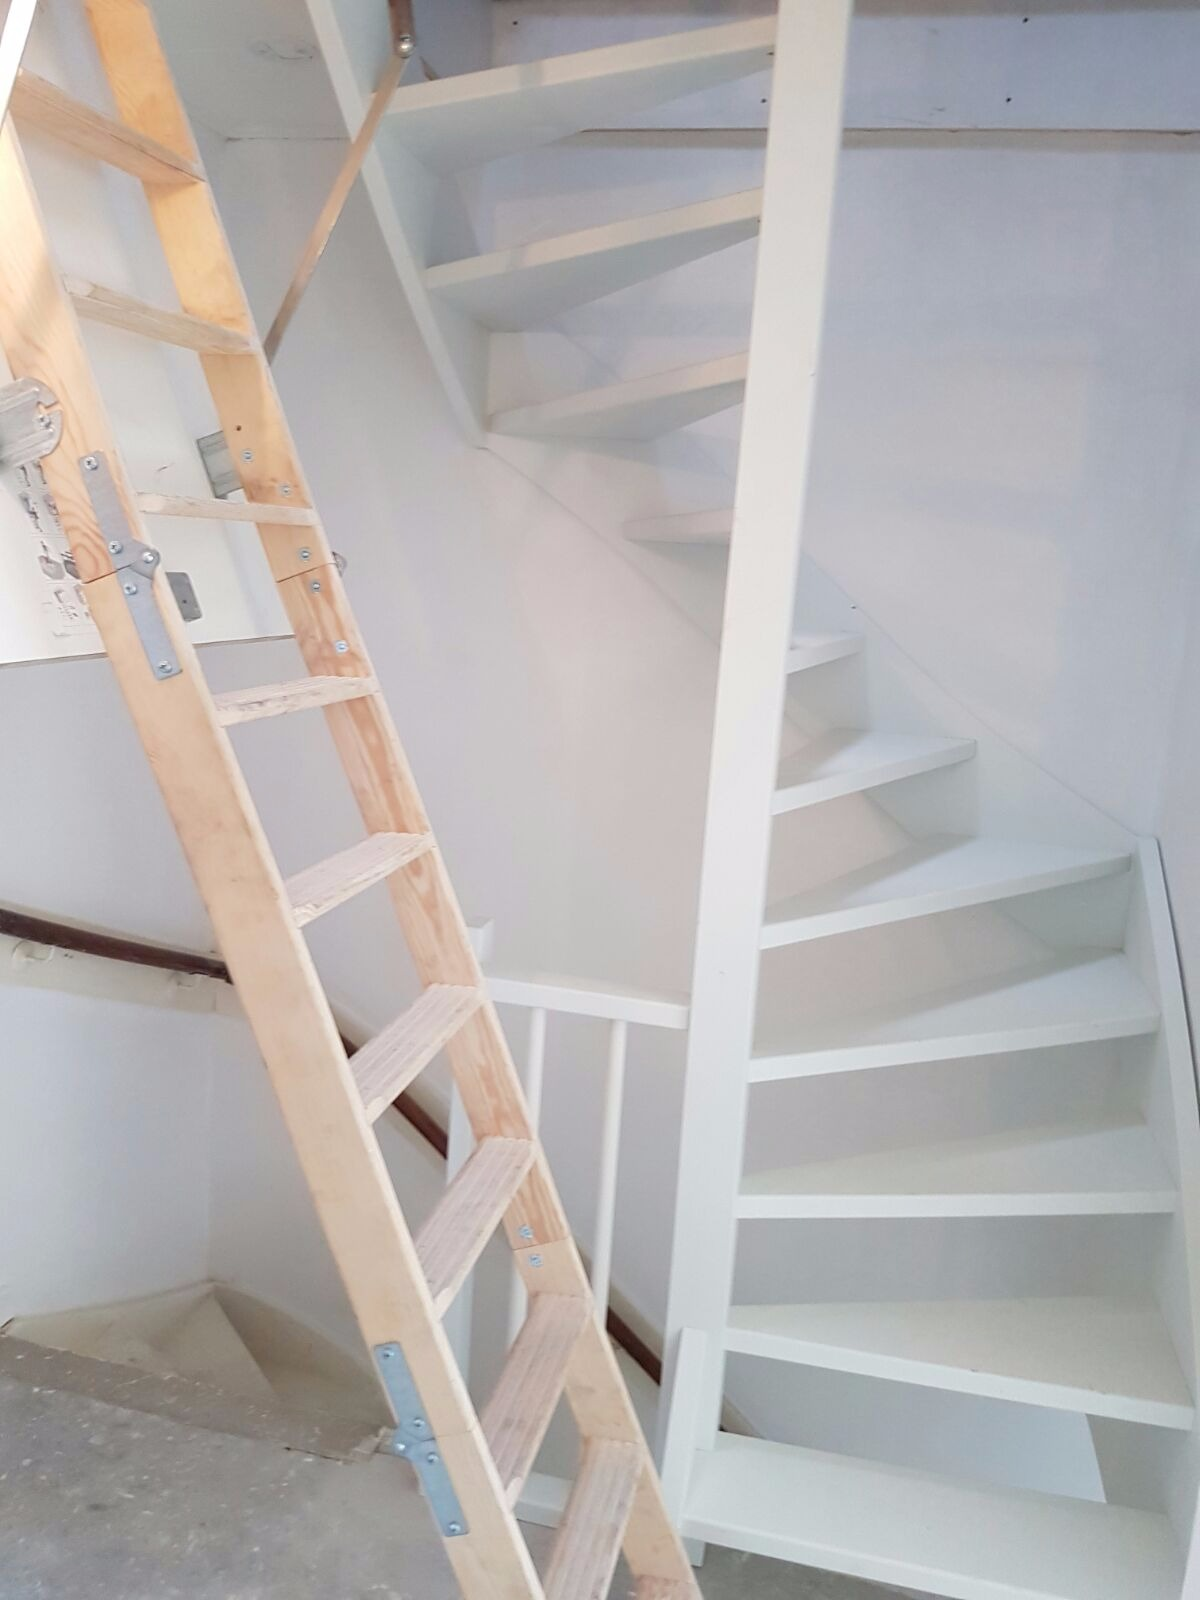 Onze trappenfabriek vaste trap trappenspecialist de for Houten trap plaatsen